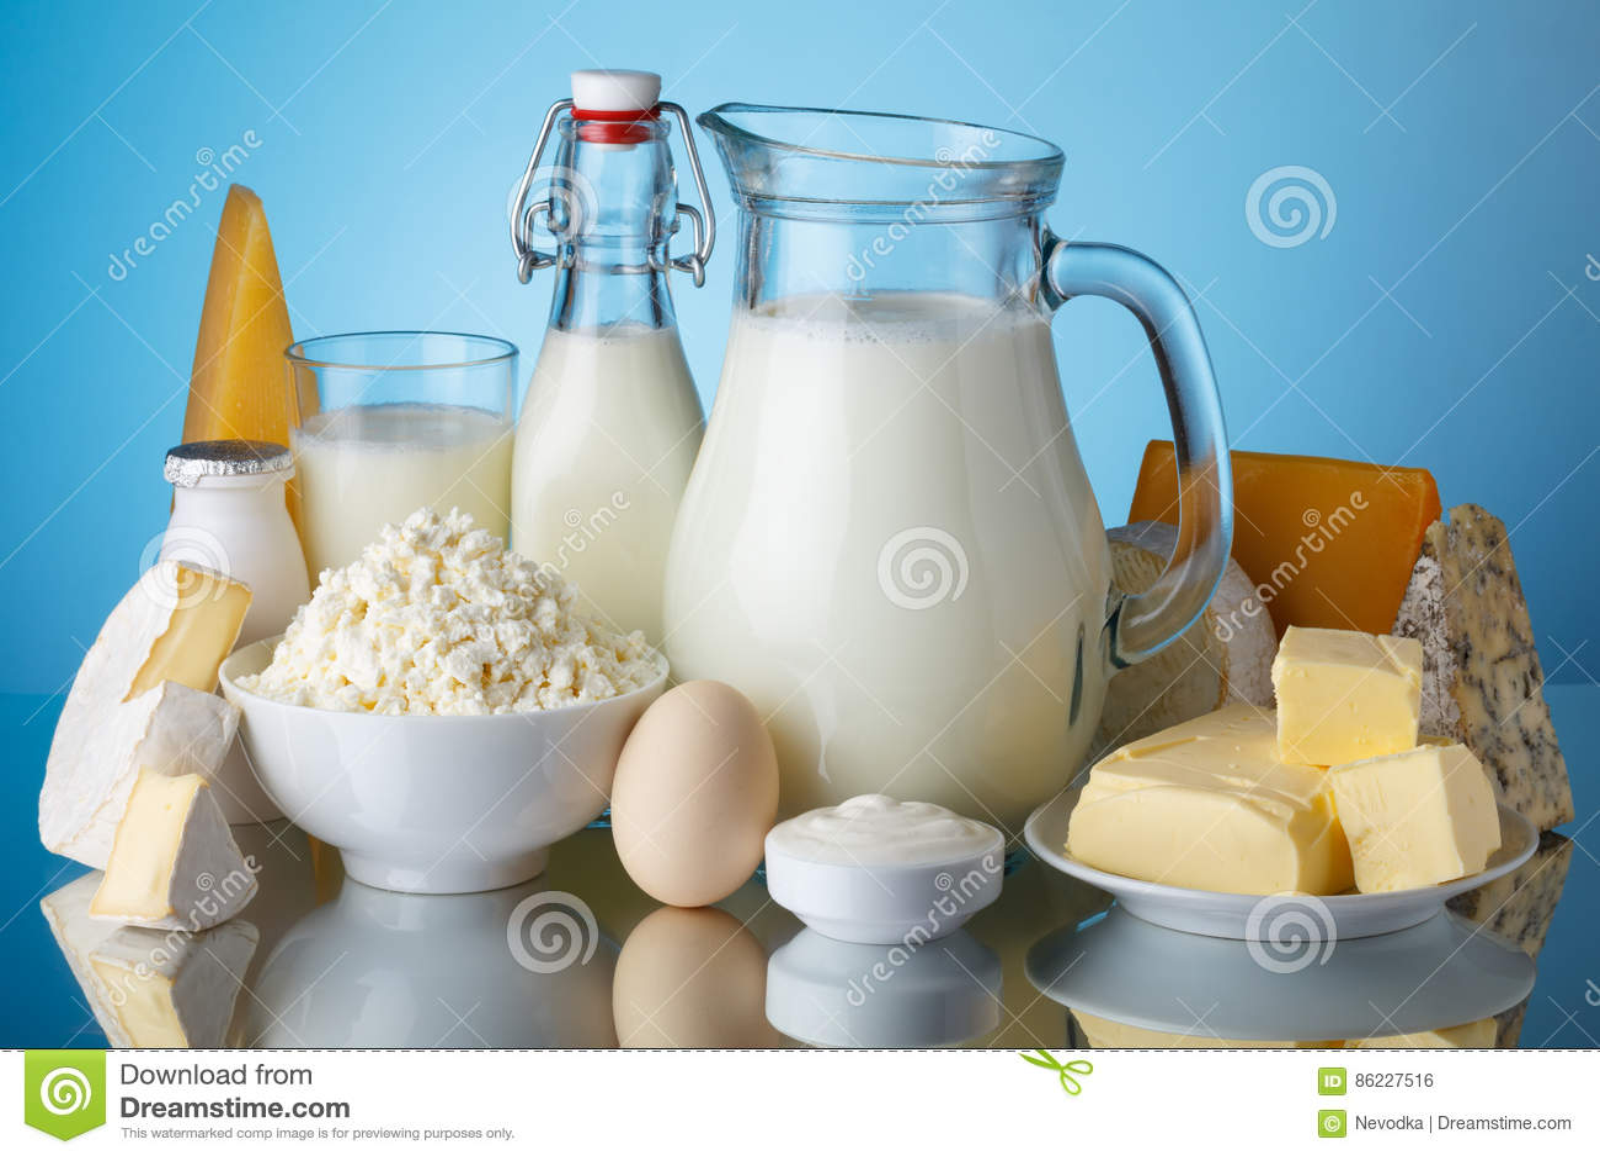 Γαλακτοκομικά προϊόντα 3c1b13d1a8e